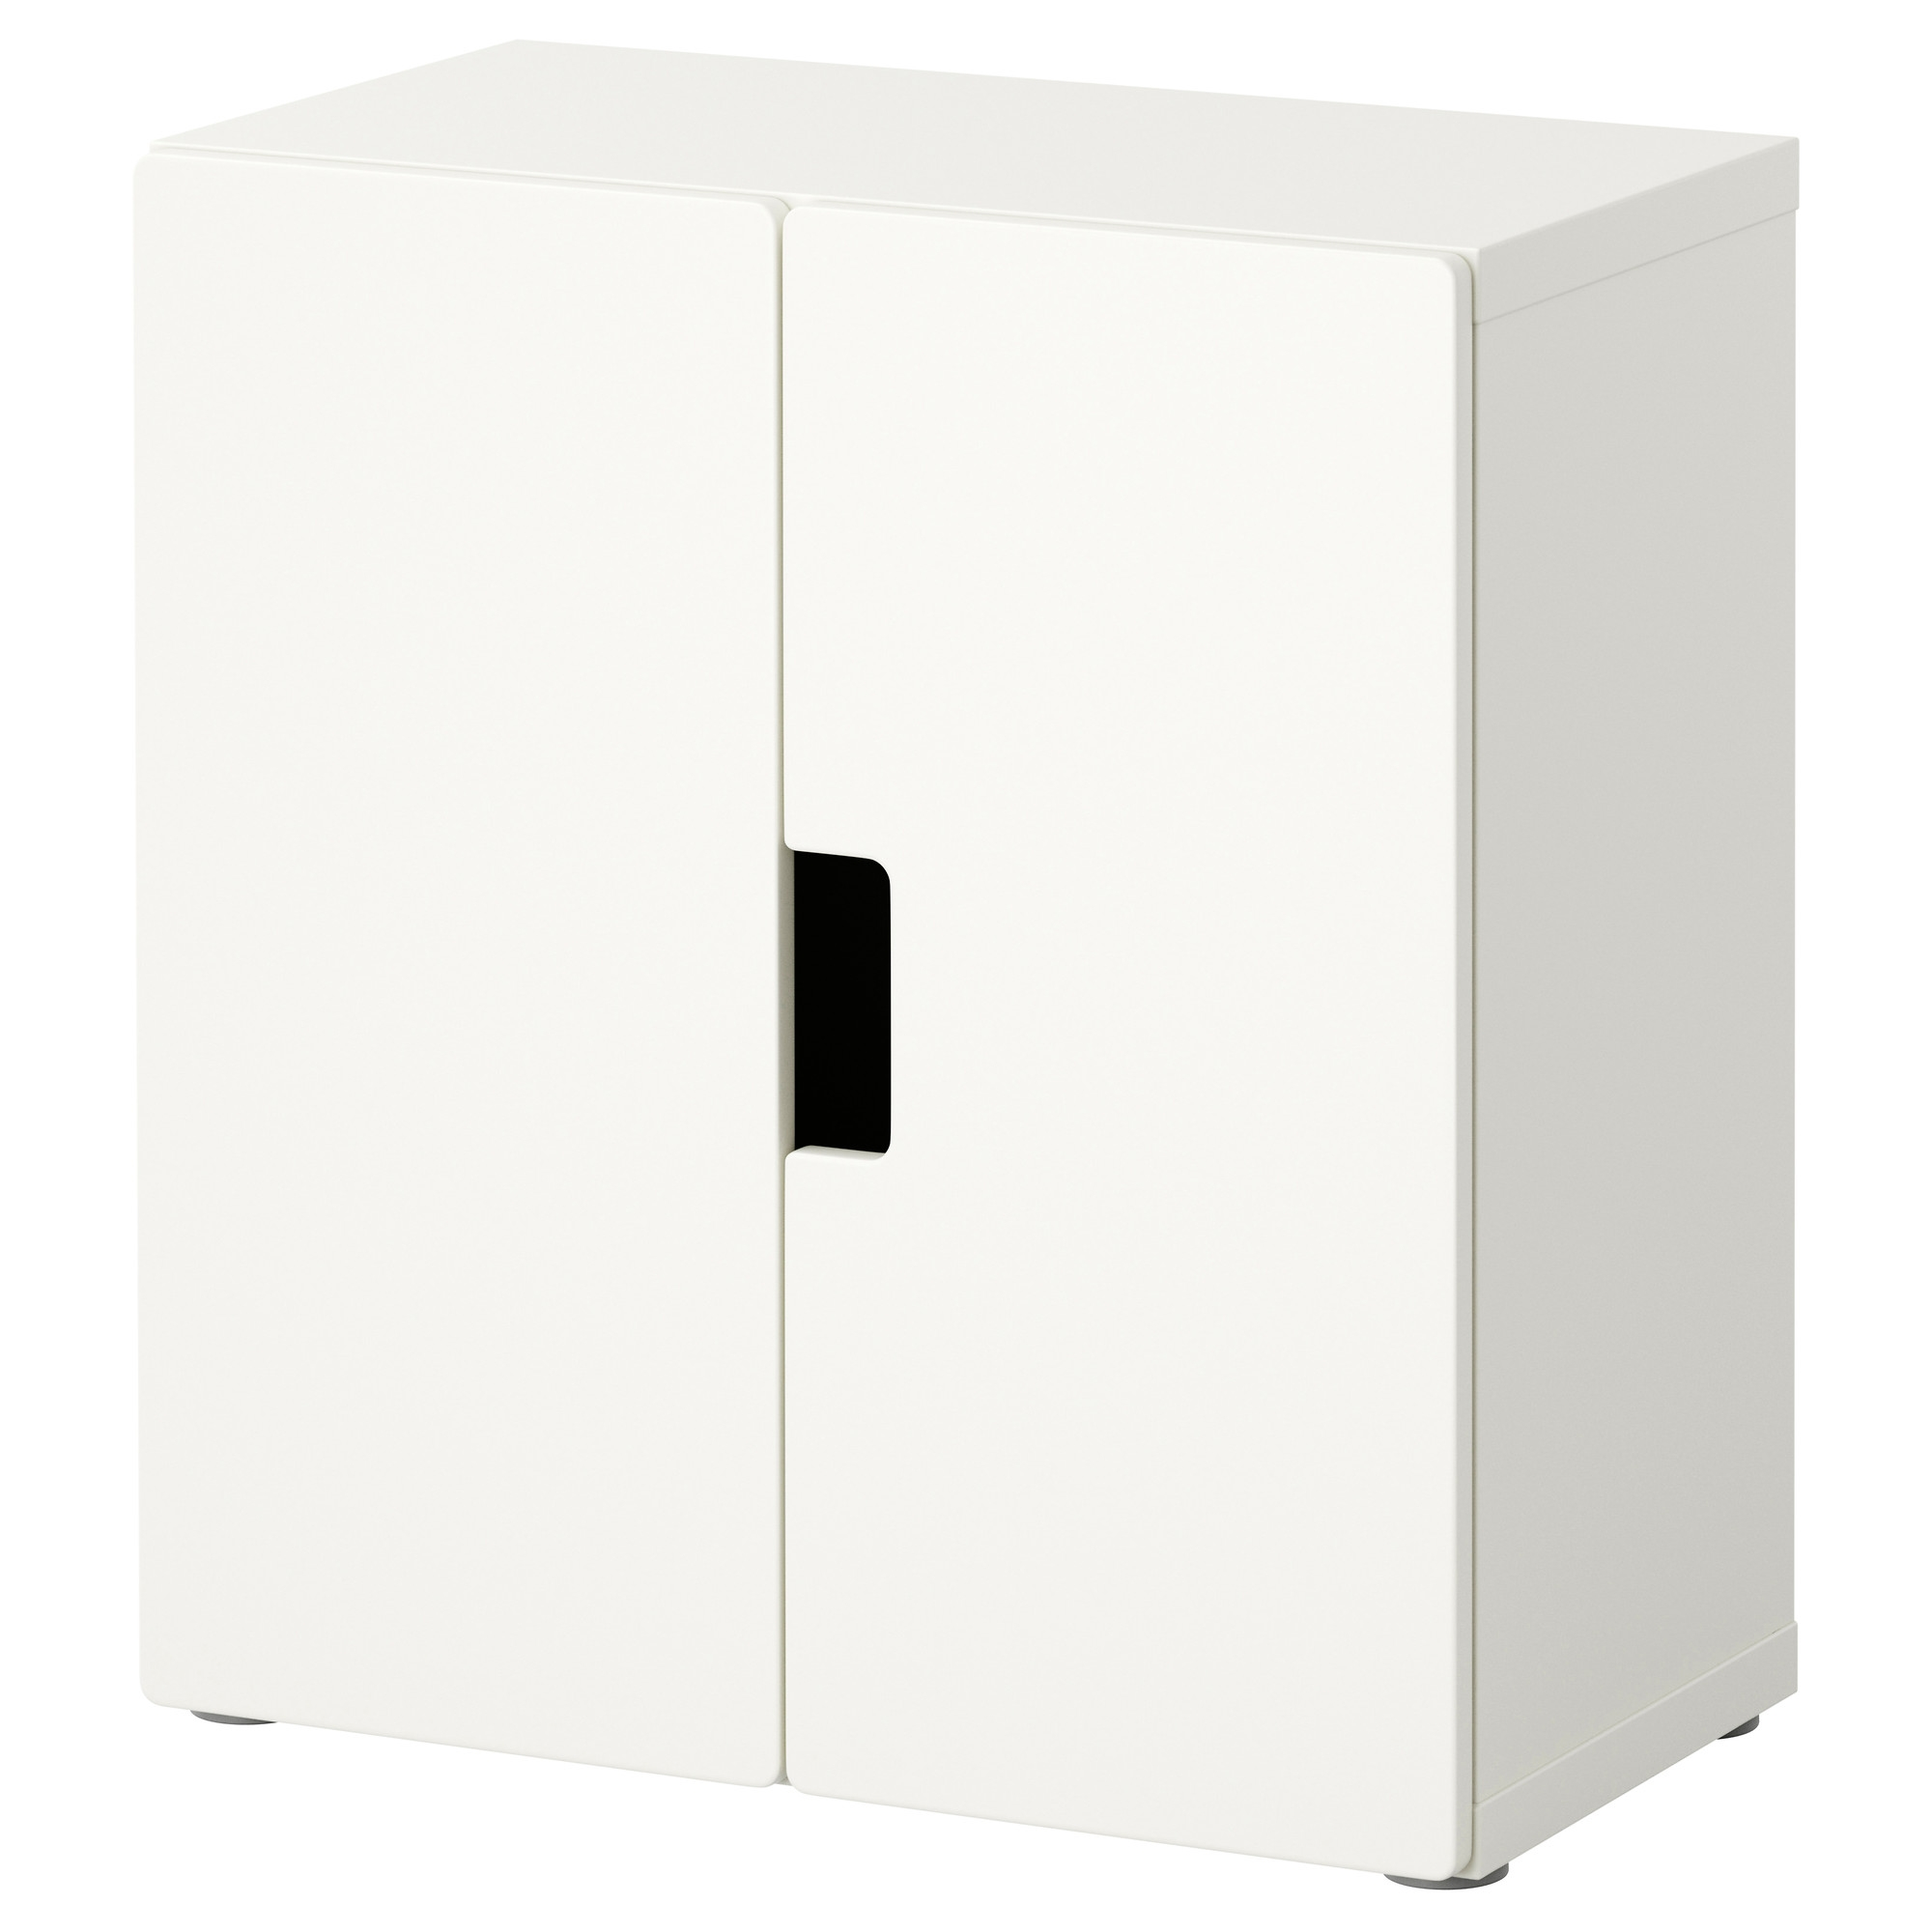 Stuva armario de pared con puertas for Puertas muebles ikea